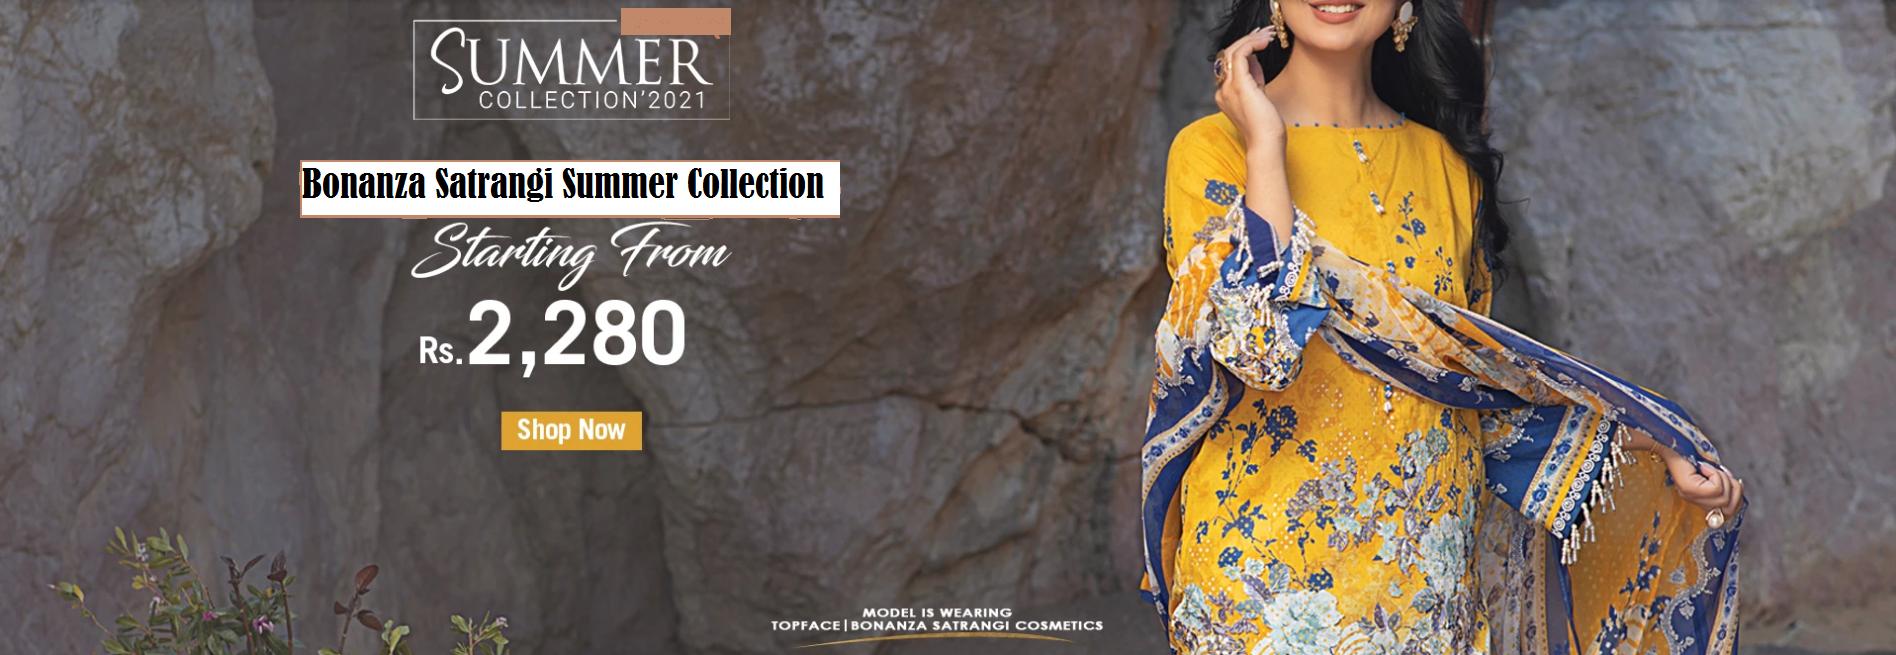 Bonanza Satrangi Summer Collection 2021